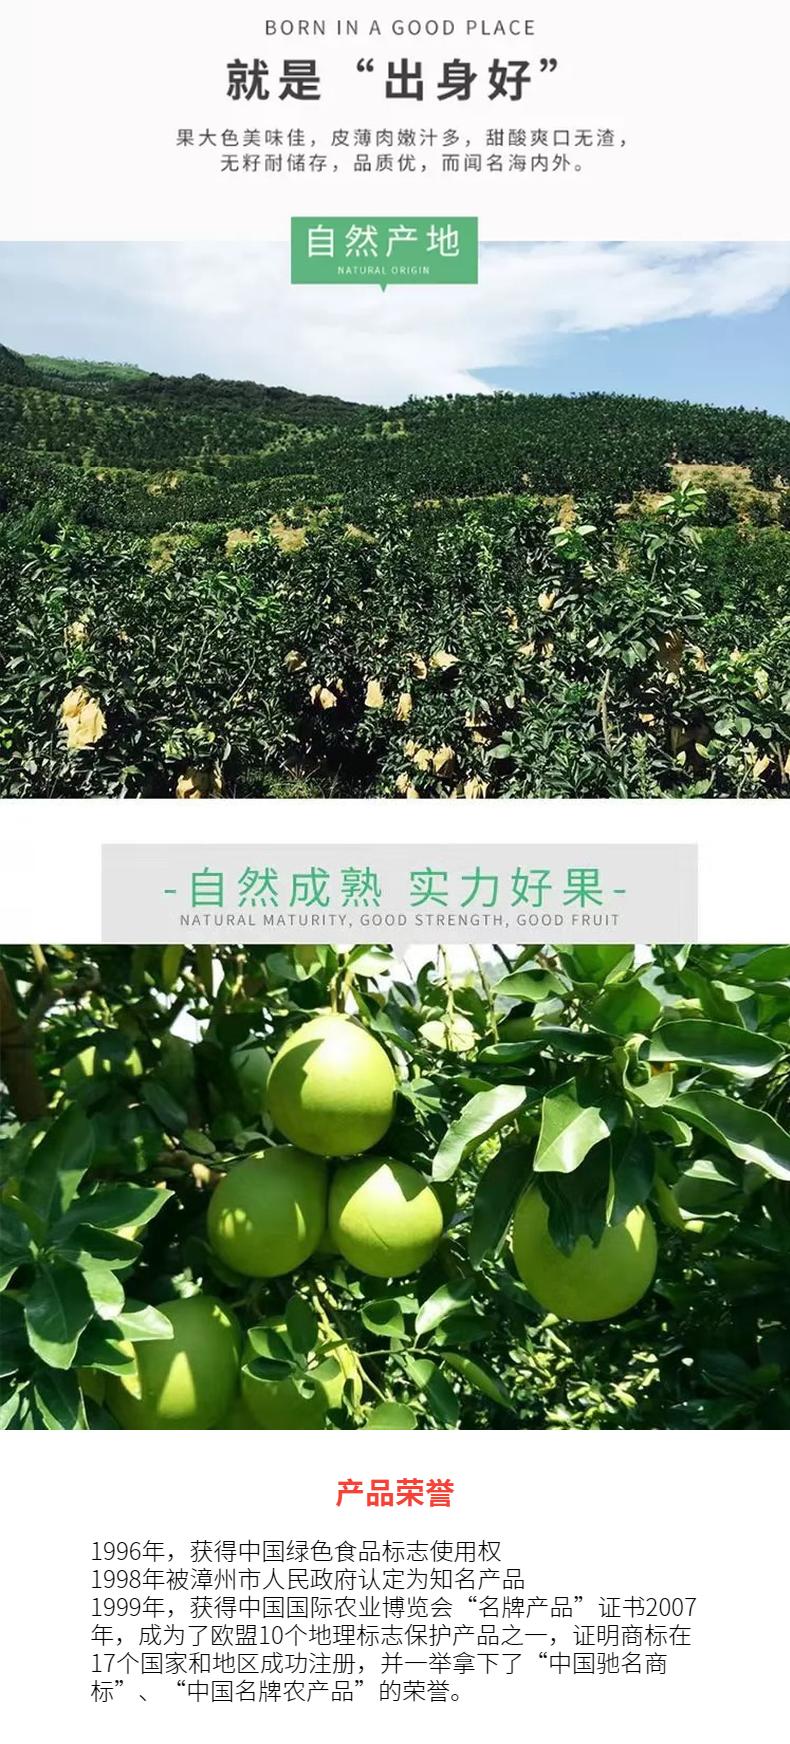 中国文化大拜年 百城文化大庙会 年货推荐——平和琯溪蜜柚礼盒(2只装)